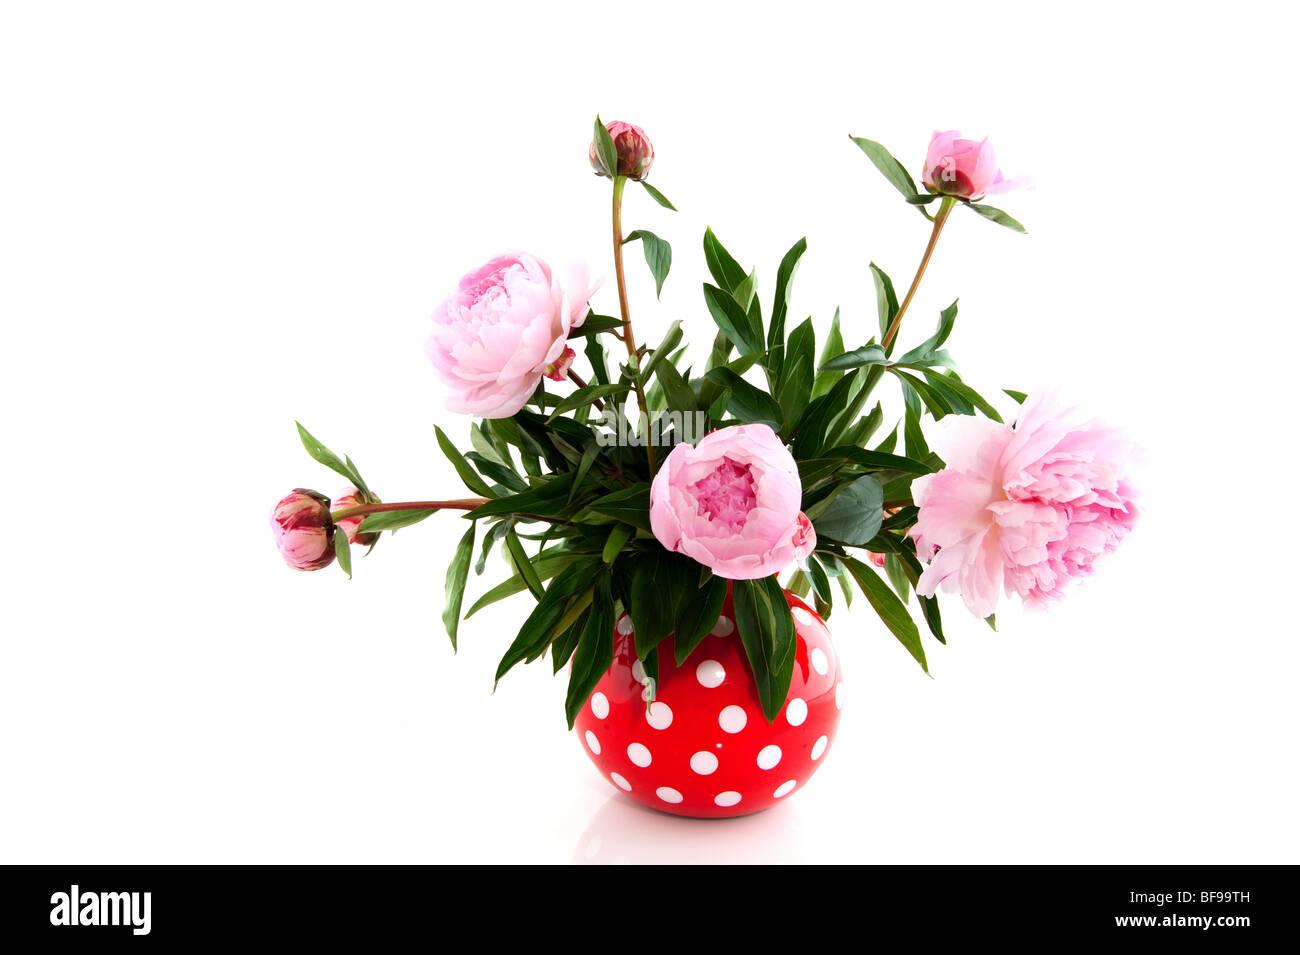 Bouquet with common peony stock photos bouquet with common peony bouquet with common peony in speckles vase stock image izmirmasajfo